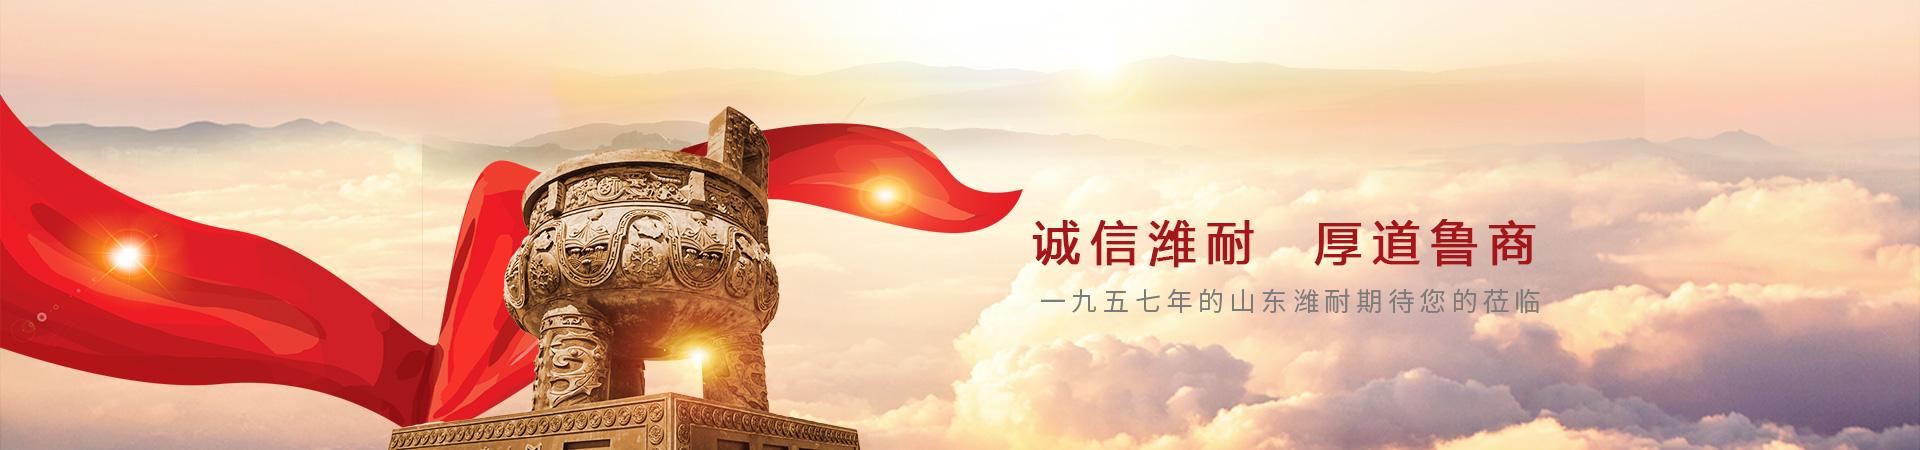 http://www.weinai1957.com/data/upload/202012/20201226115238_372.jpg